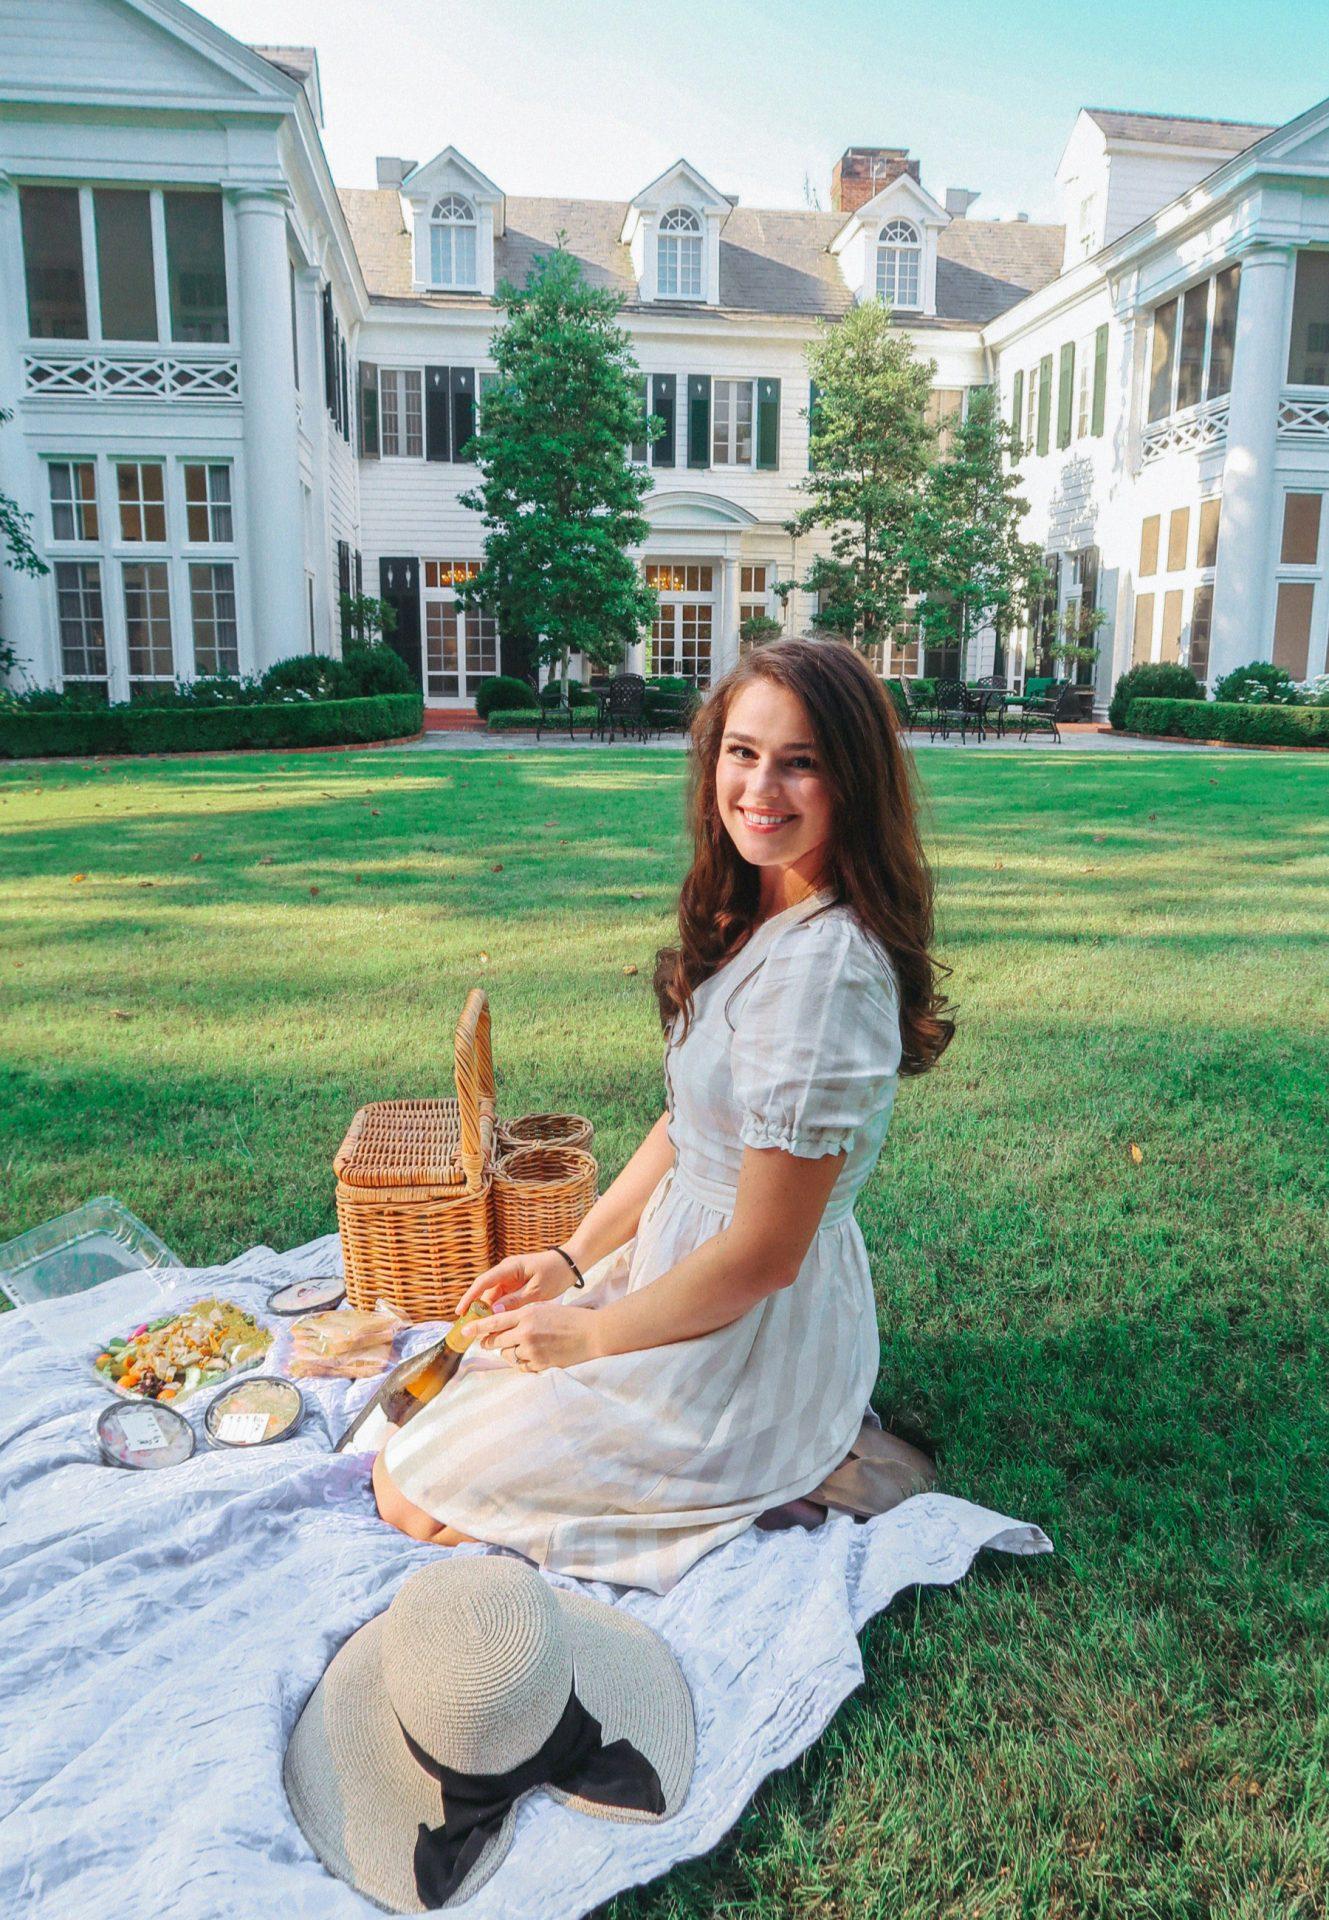 duke mansion, picnic, Charlotte, Charlotte nc, Queen City, duke mansion picnic, summer, gardens, duke mansion gardens, date night in Charlotte, lifestyle blog, travel Charlotte